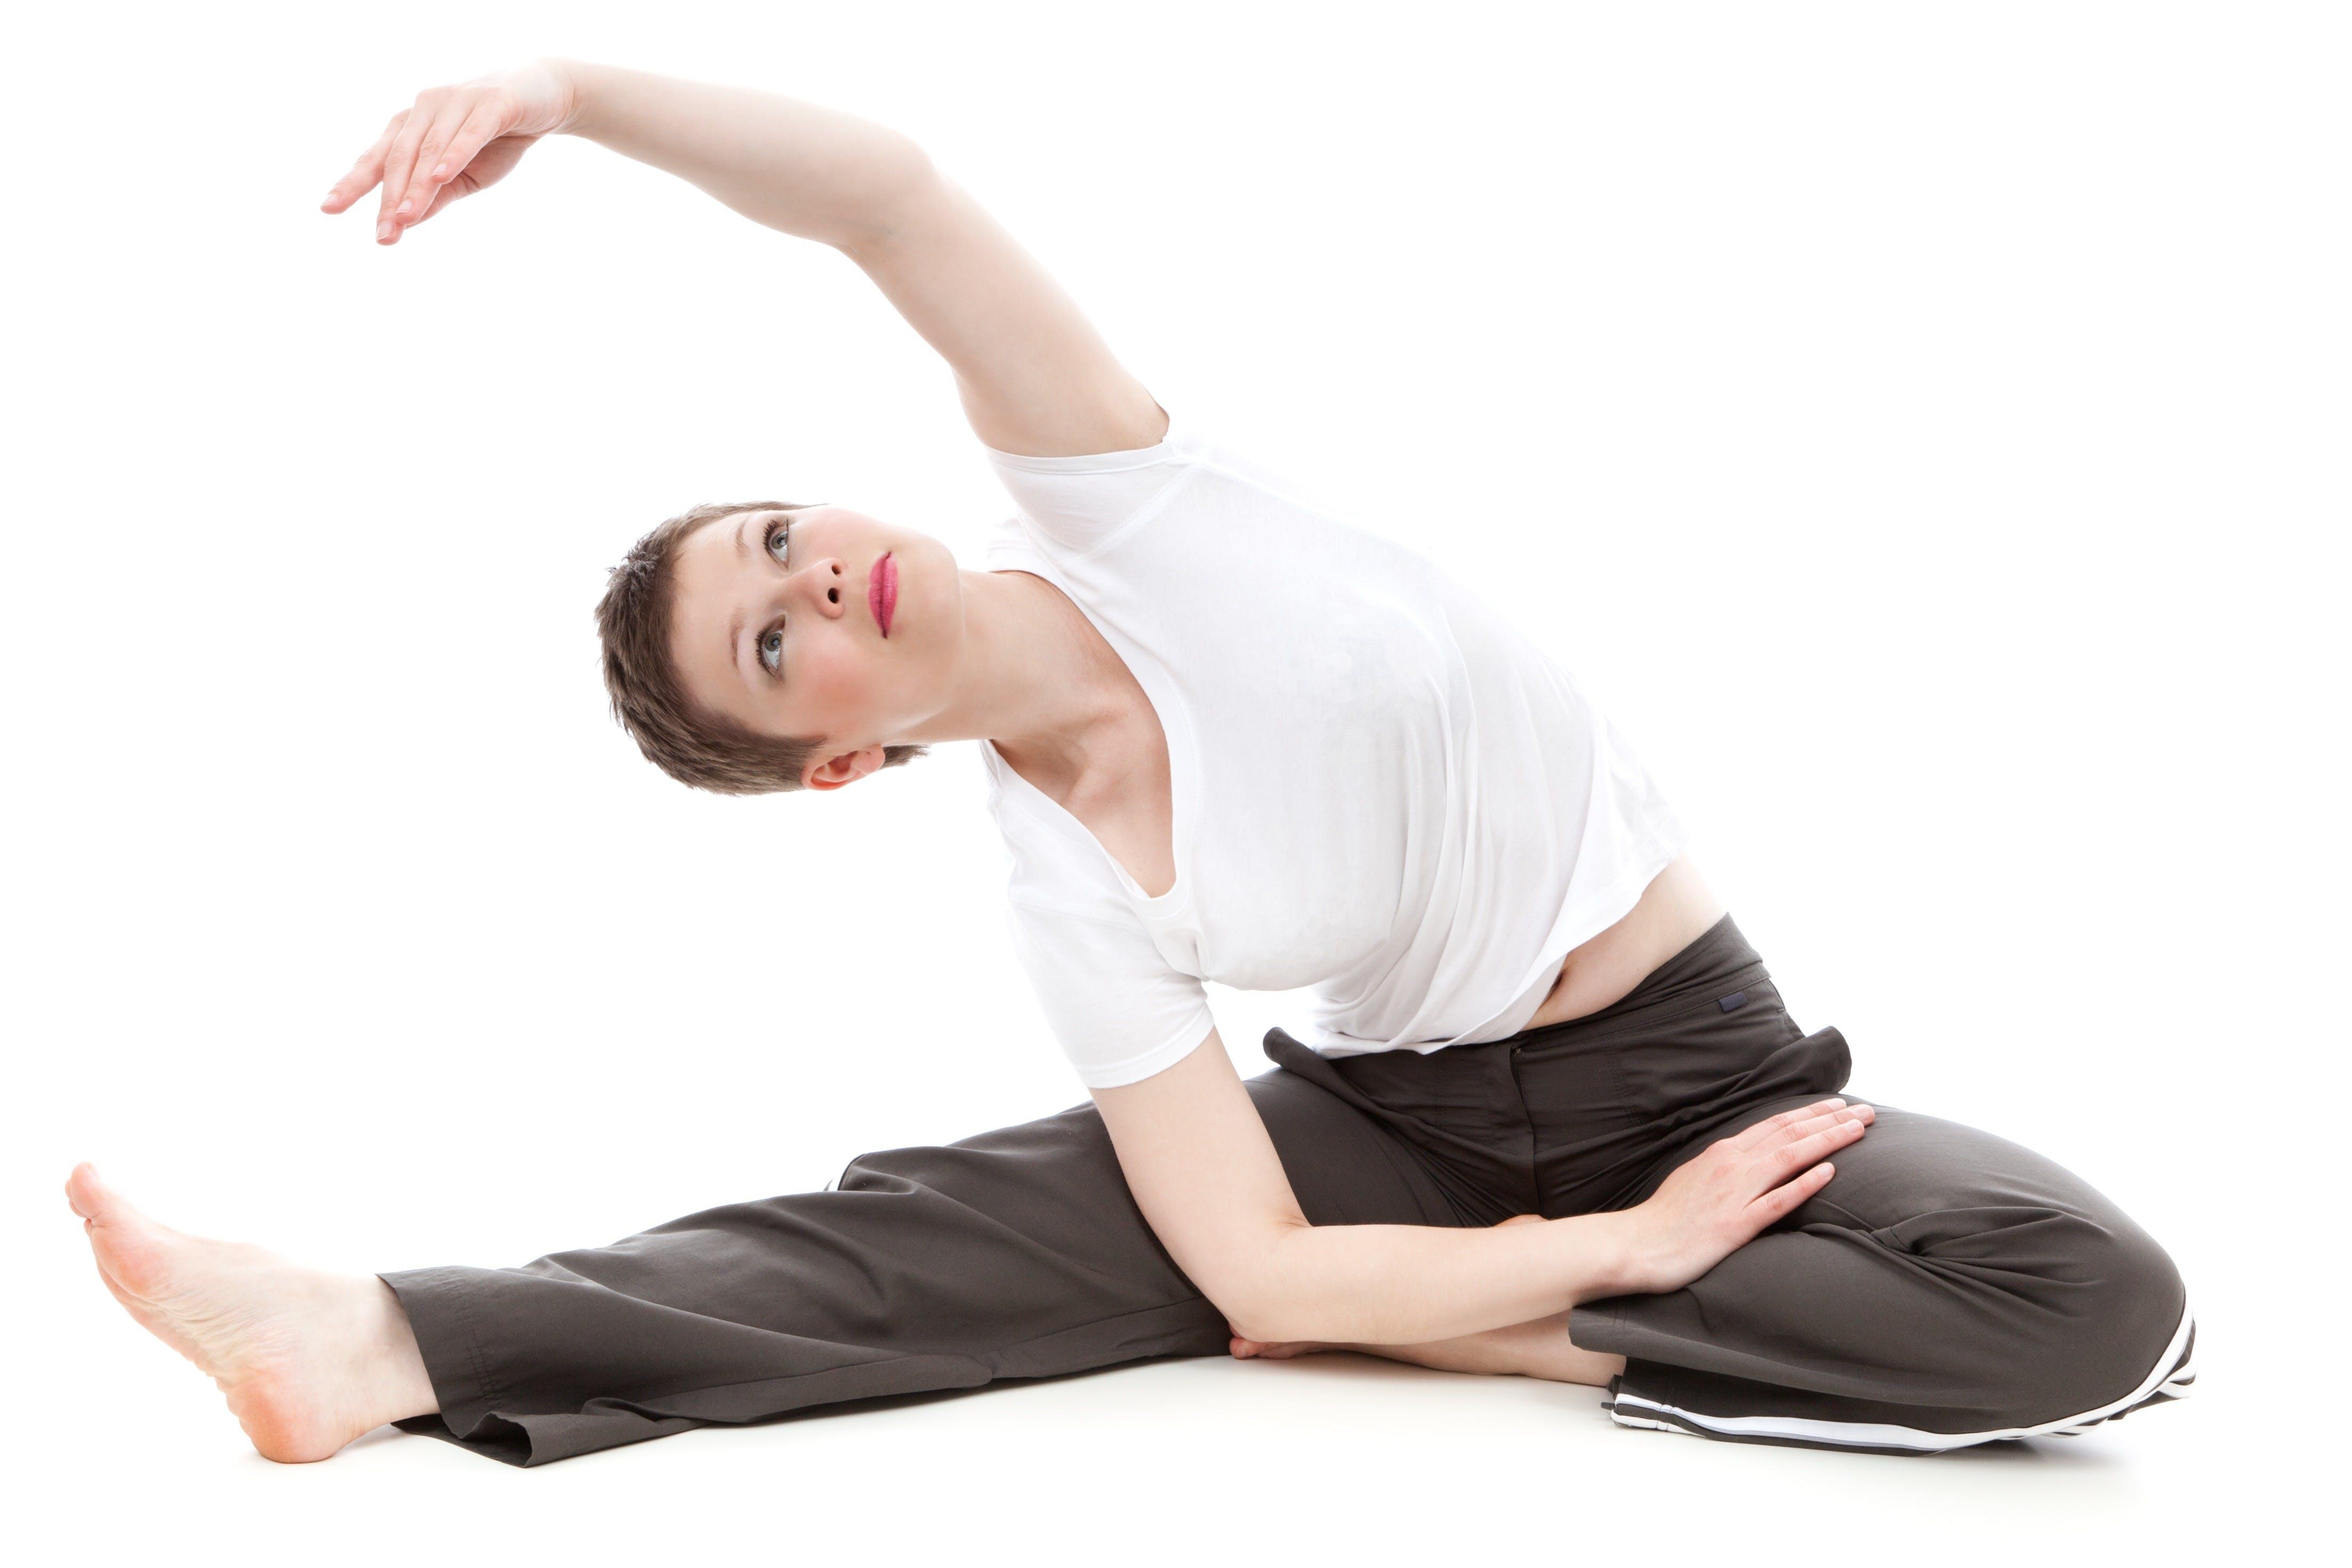 zu aktiv, aktivität, dehnen, fit